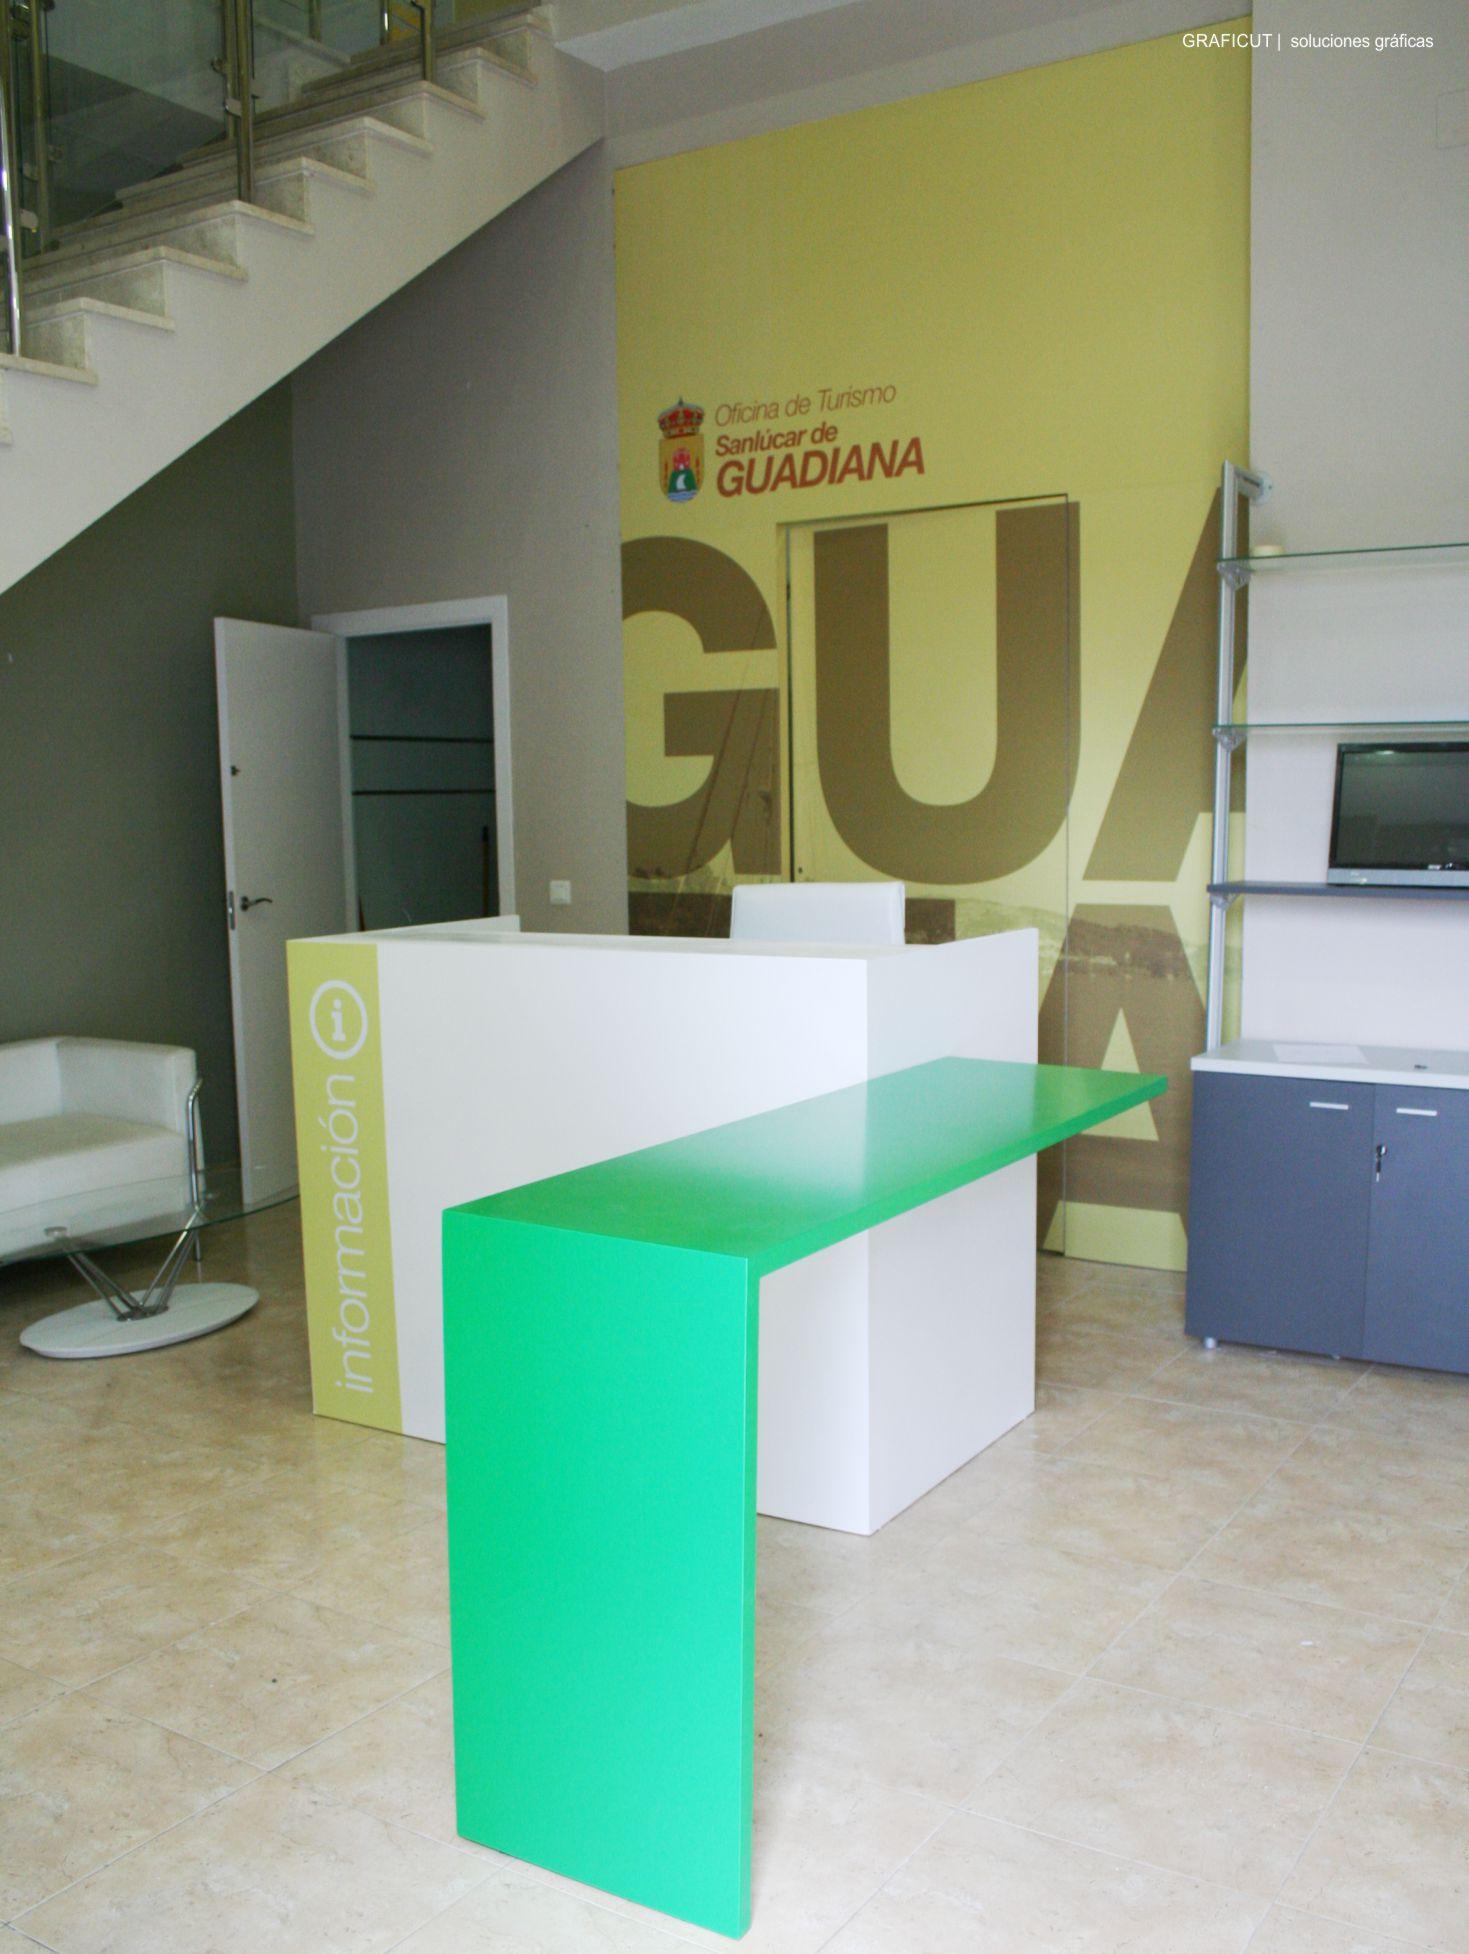 Centro de visitantes sanlucar de guadiana produccion instalacion museo recepcion planta primera